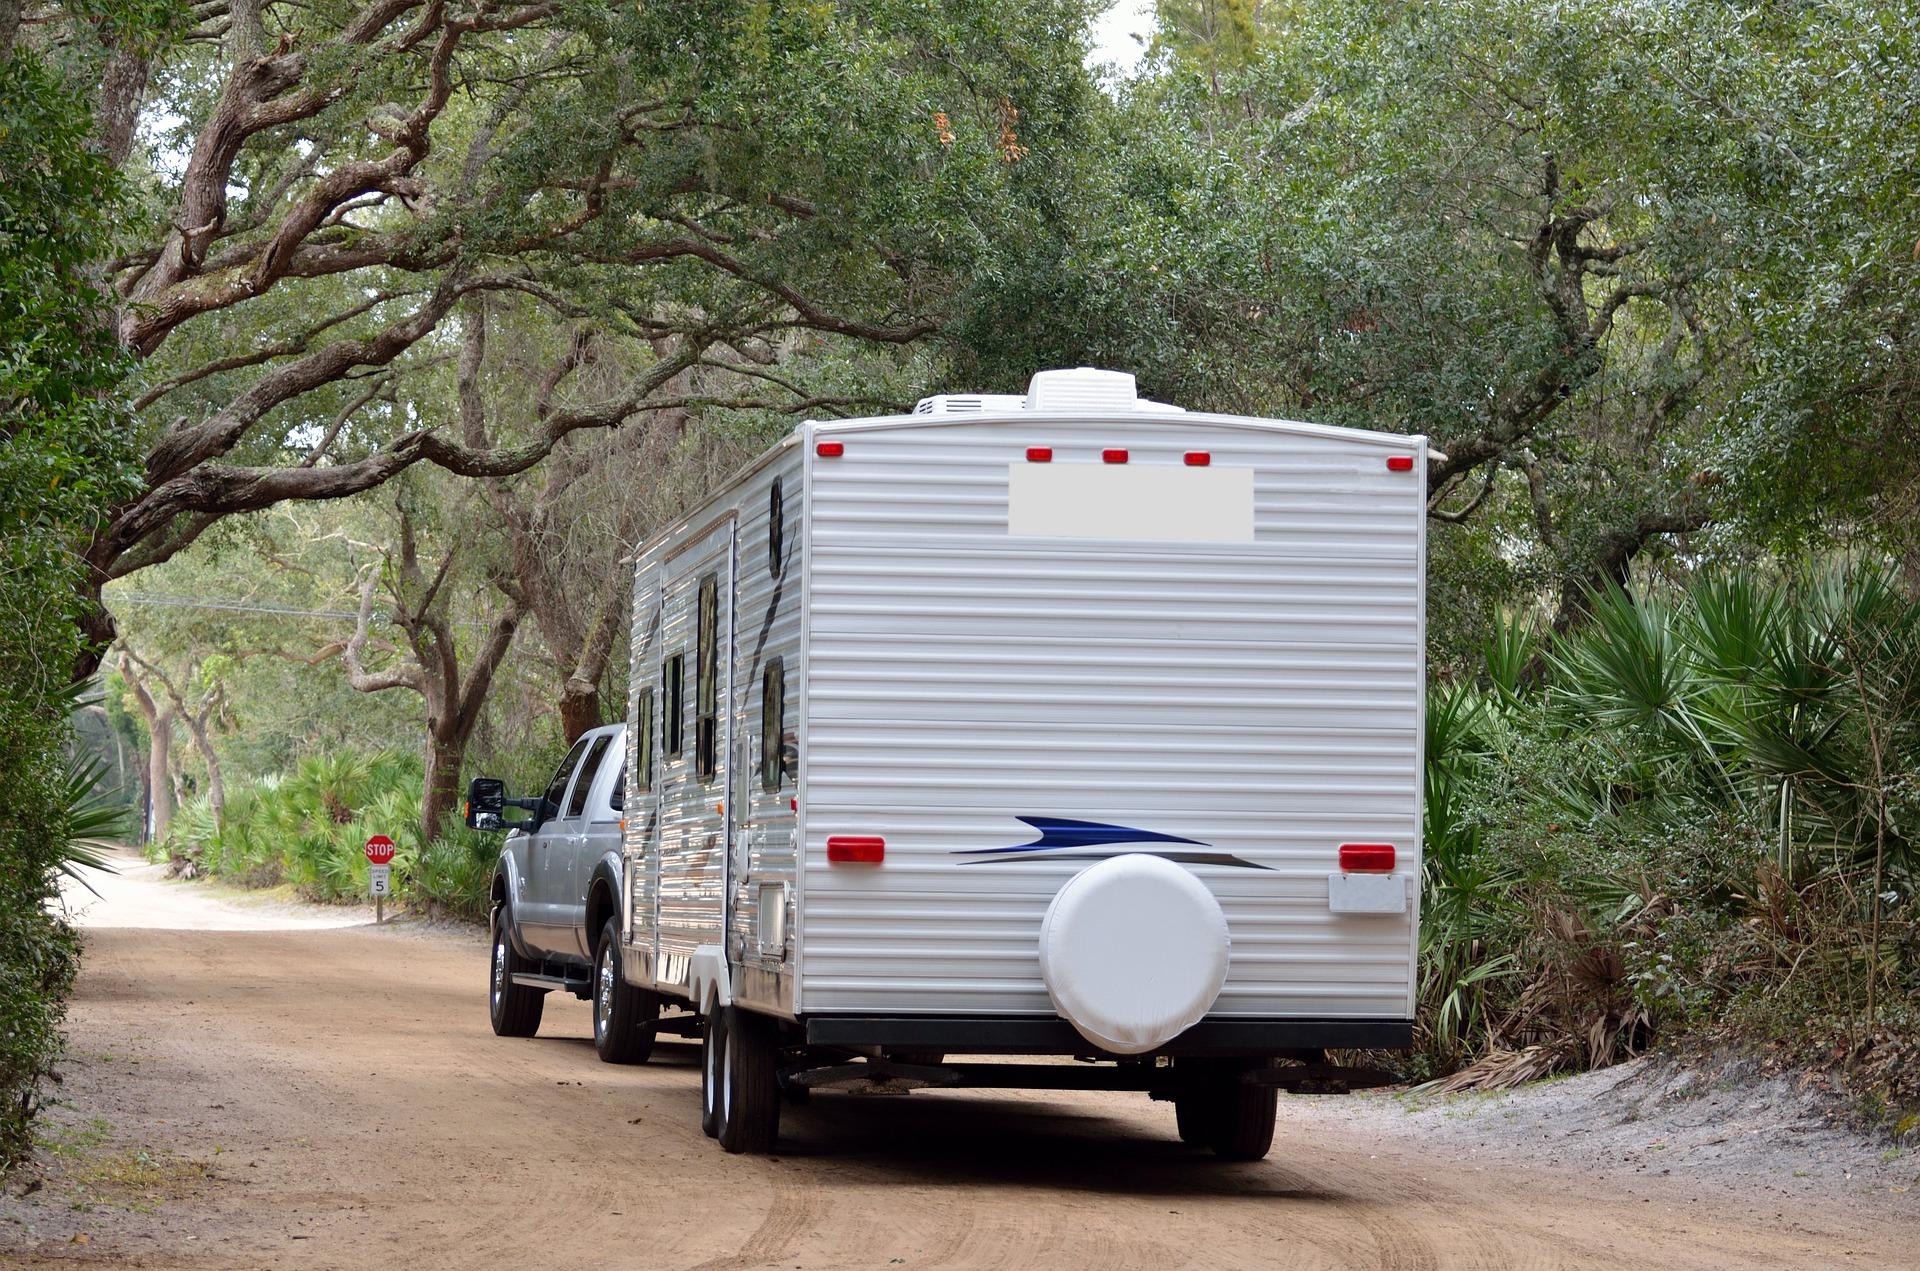 Liste de camping : à ne pas oublier avant de partir